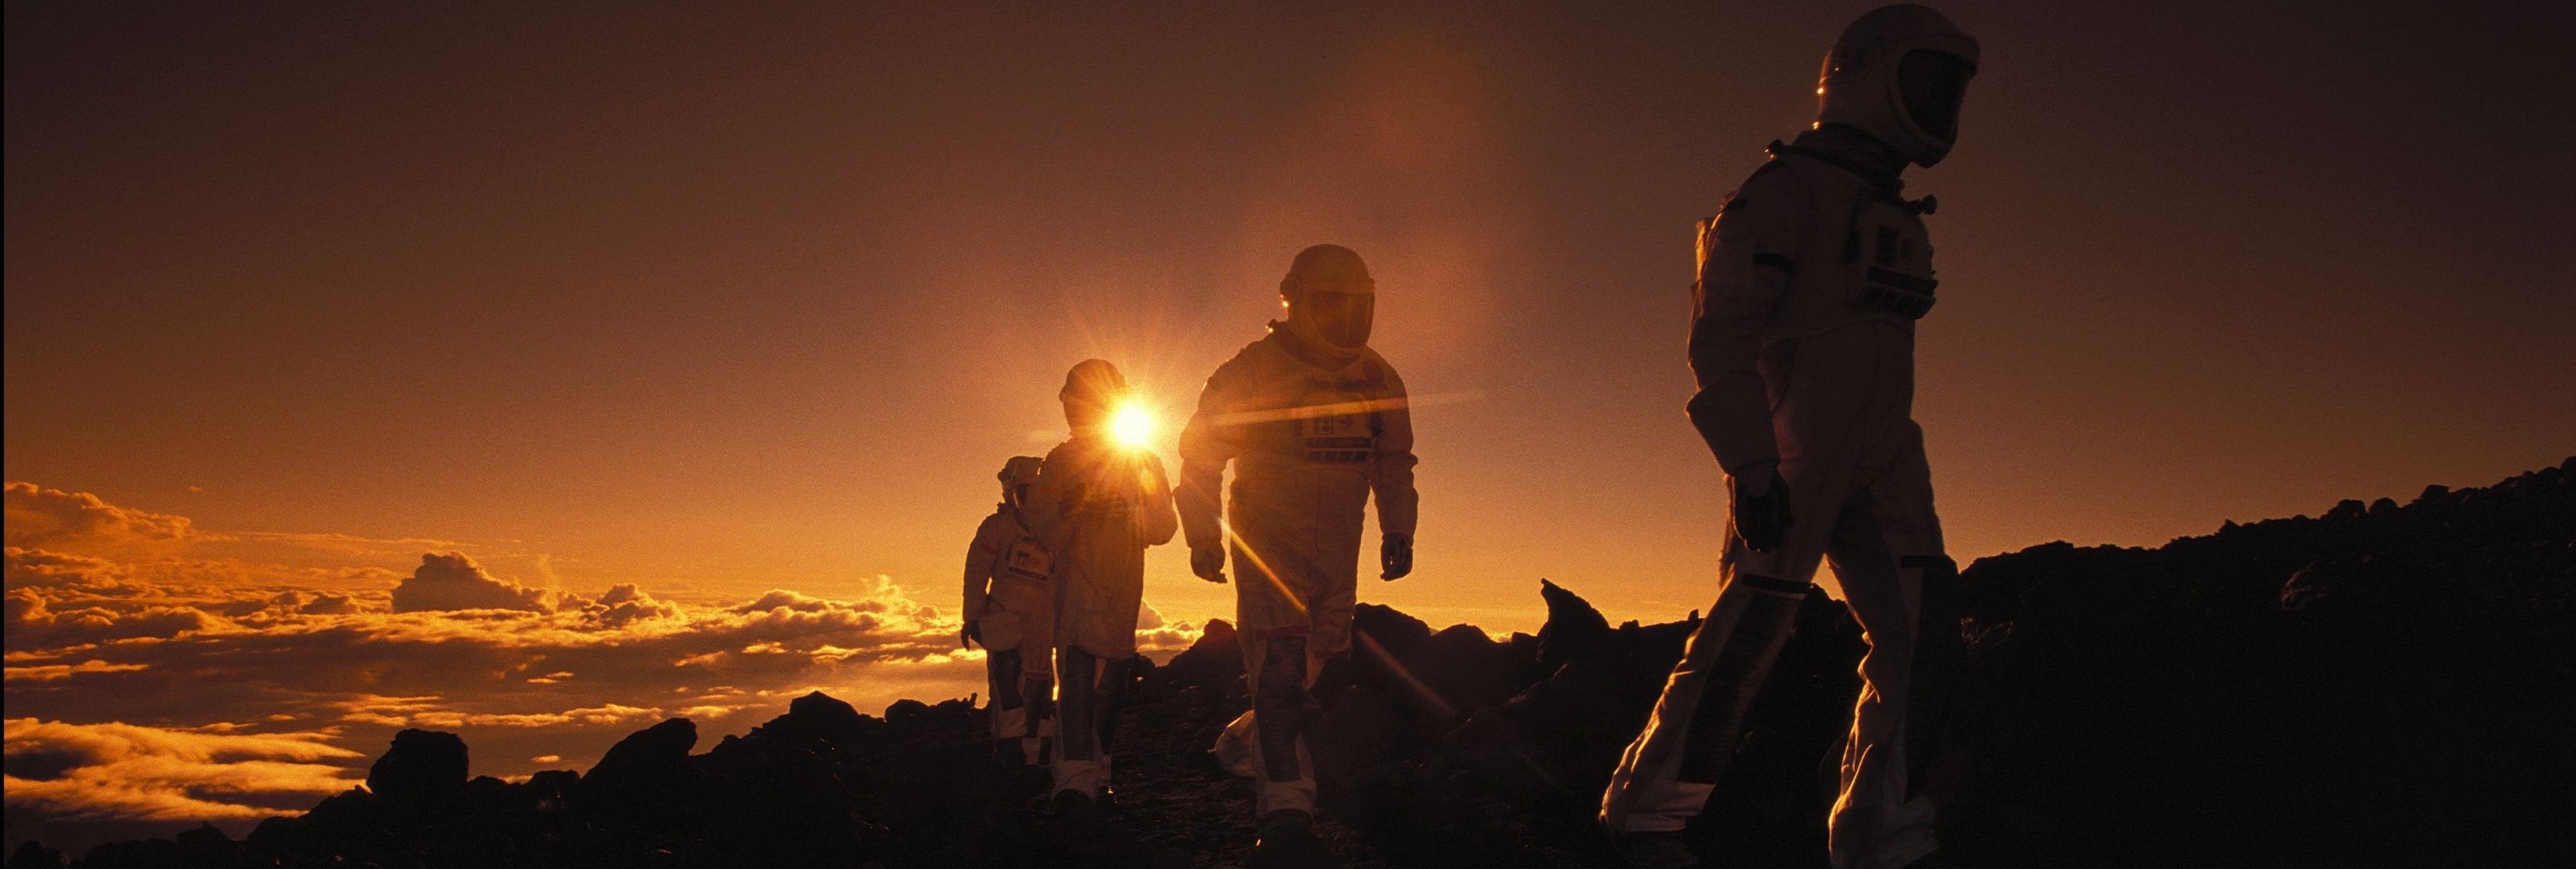 #PrayForMars: Por qué la llegada de humanos a Marte supone un problema de ética